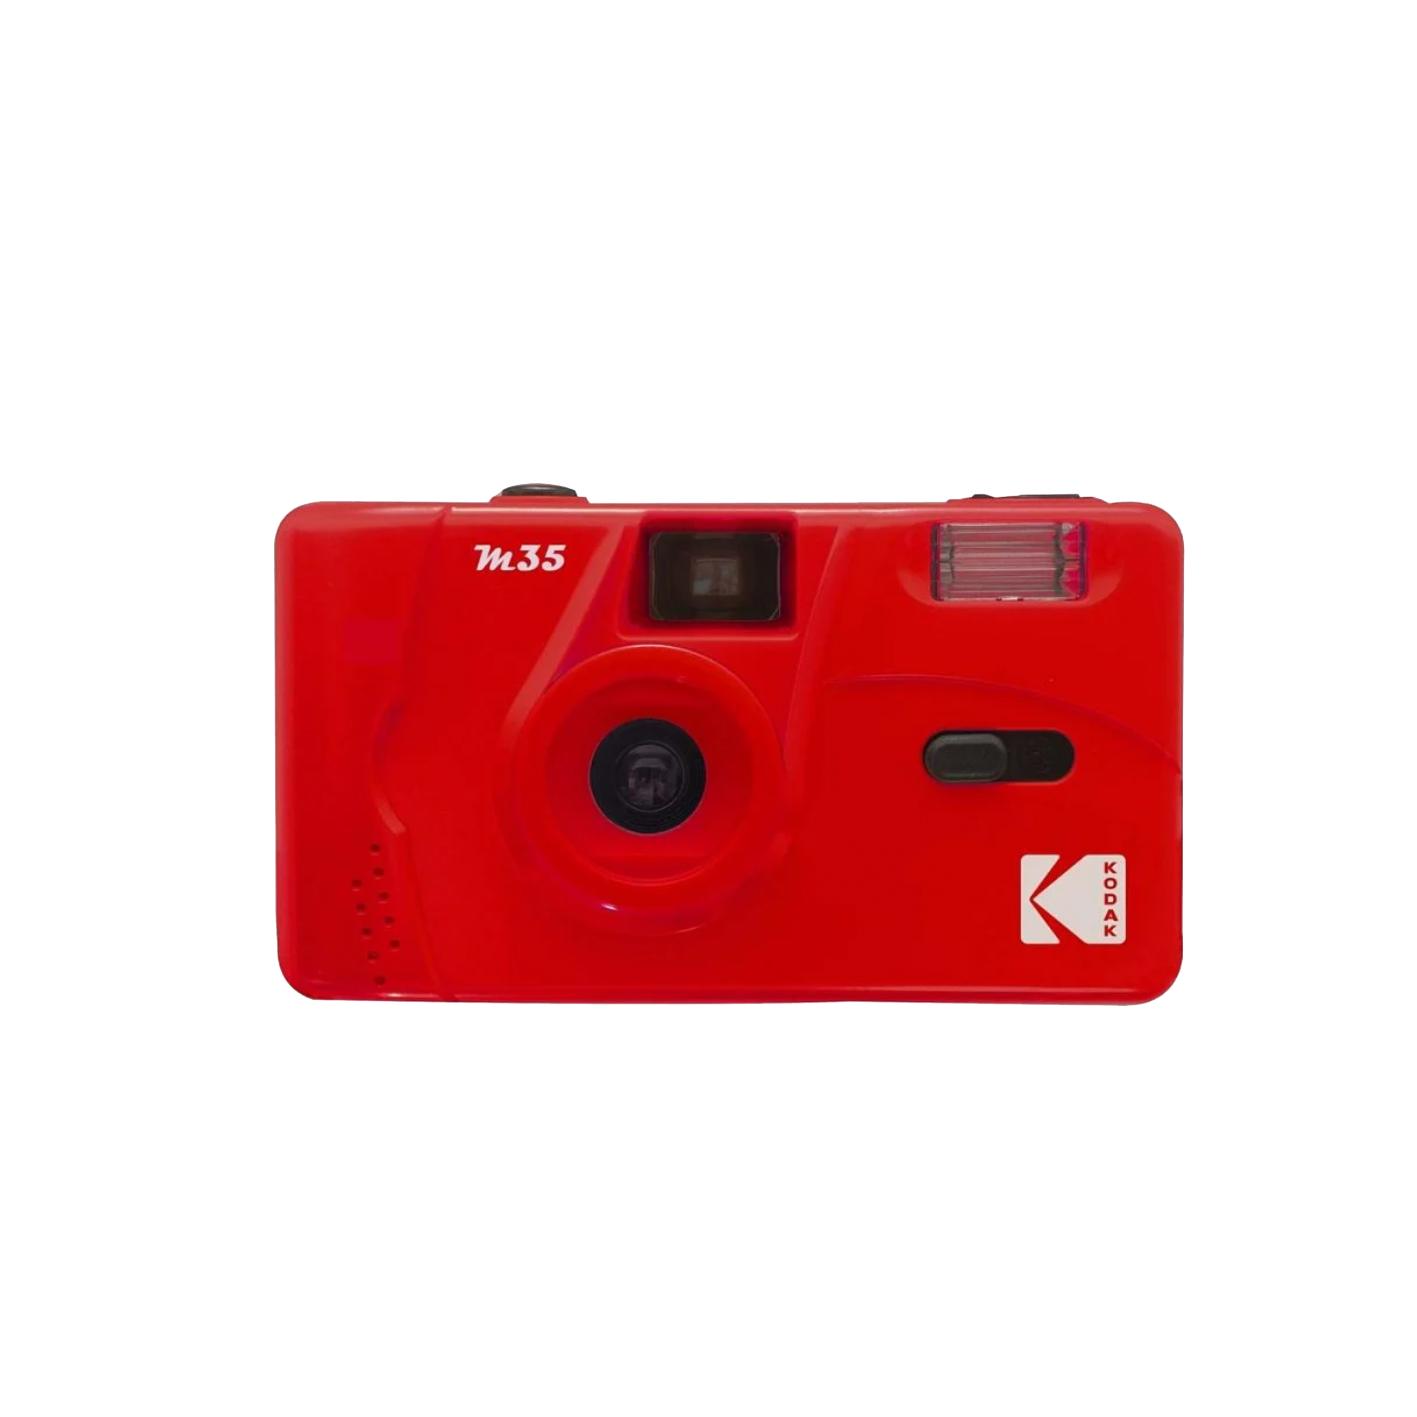 코닥 토이카메라 레드 M35, 1개